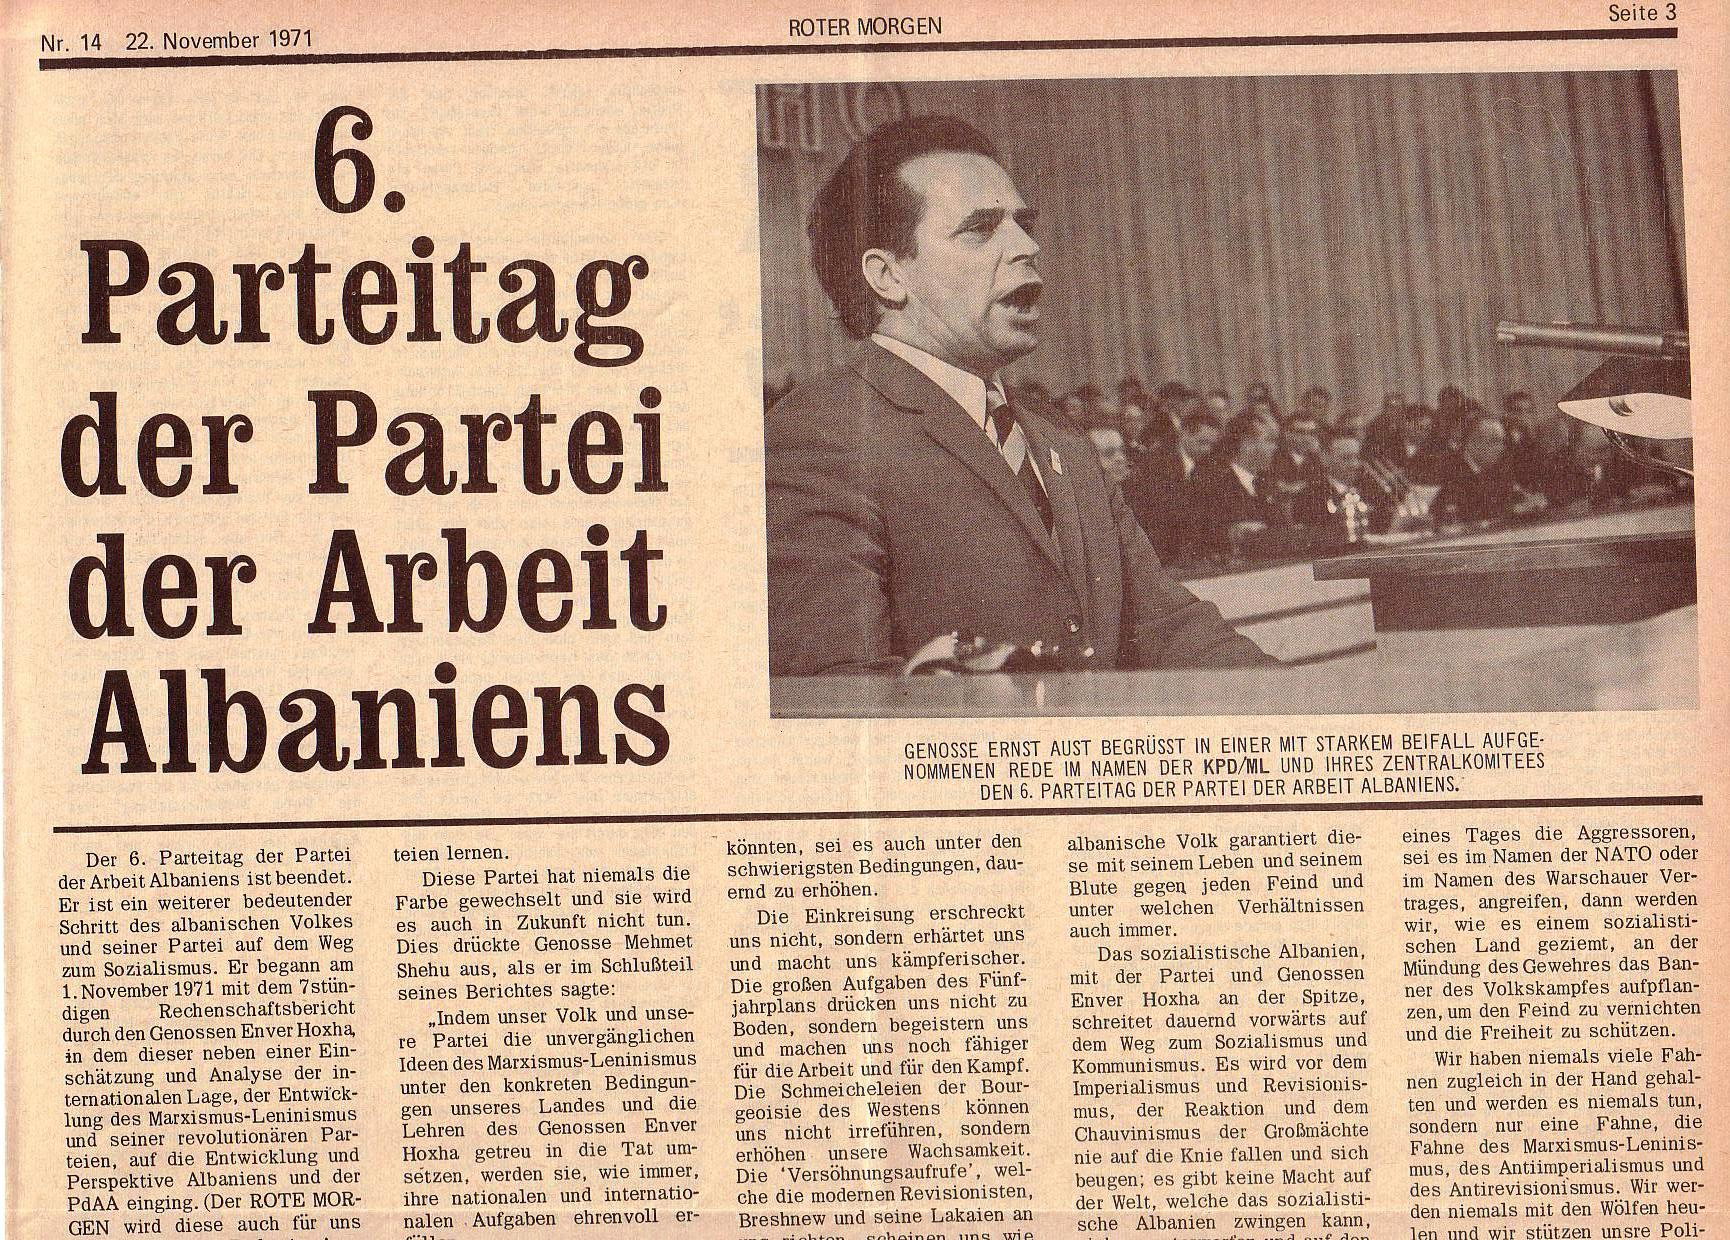 Roter Morgen, 5. Jg., 22. November 1971, Nr. 14, Seite 3a